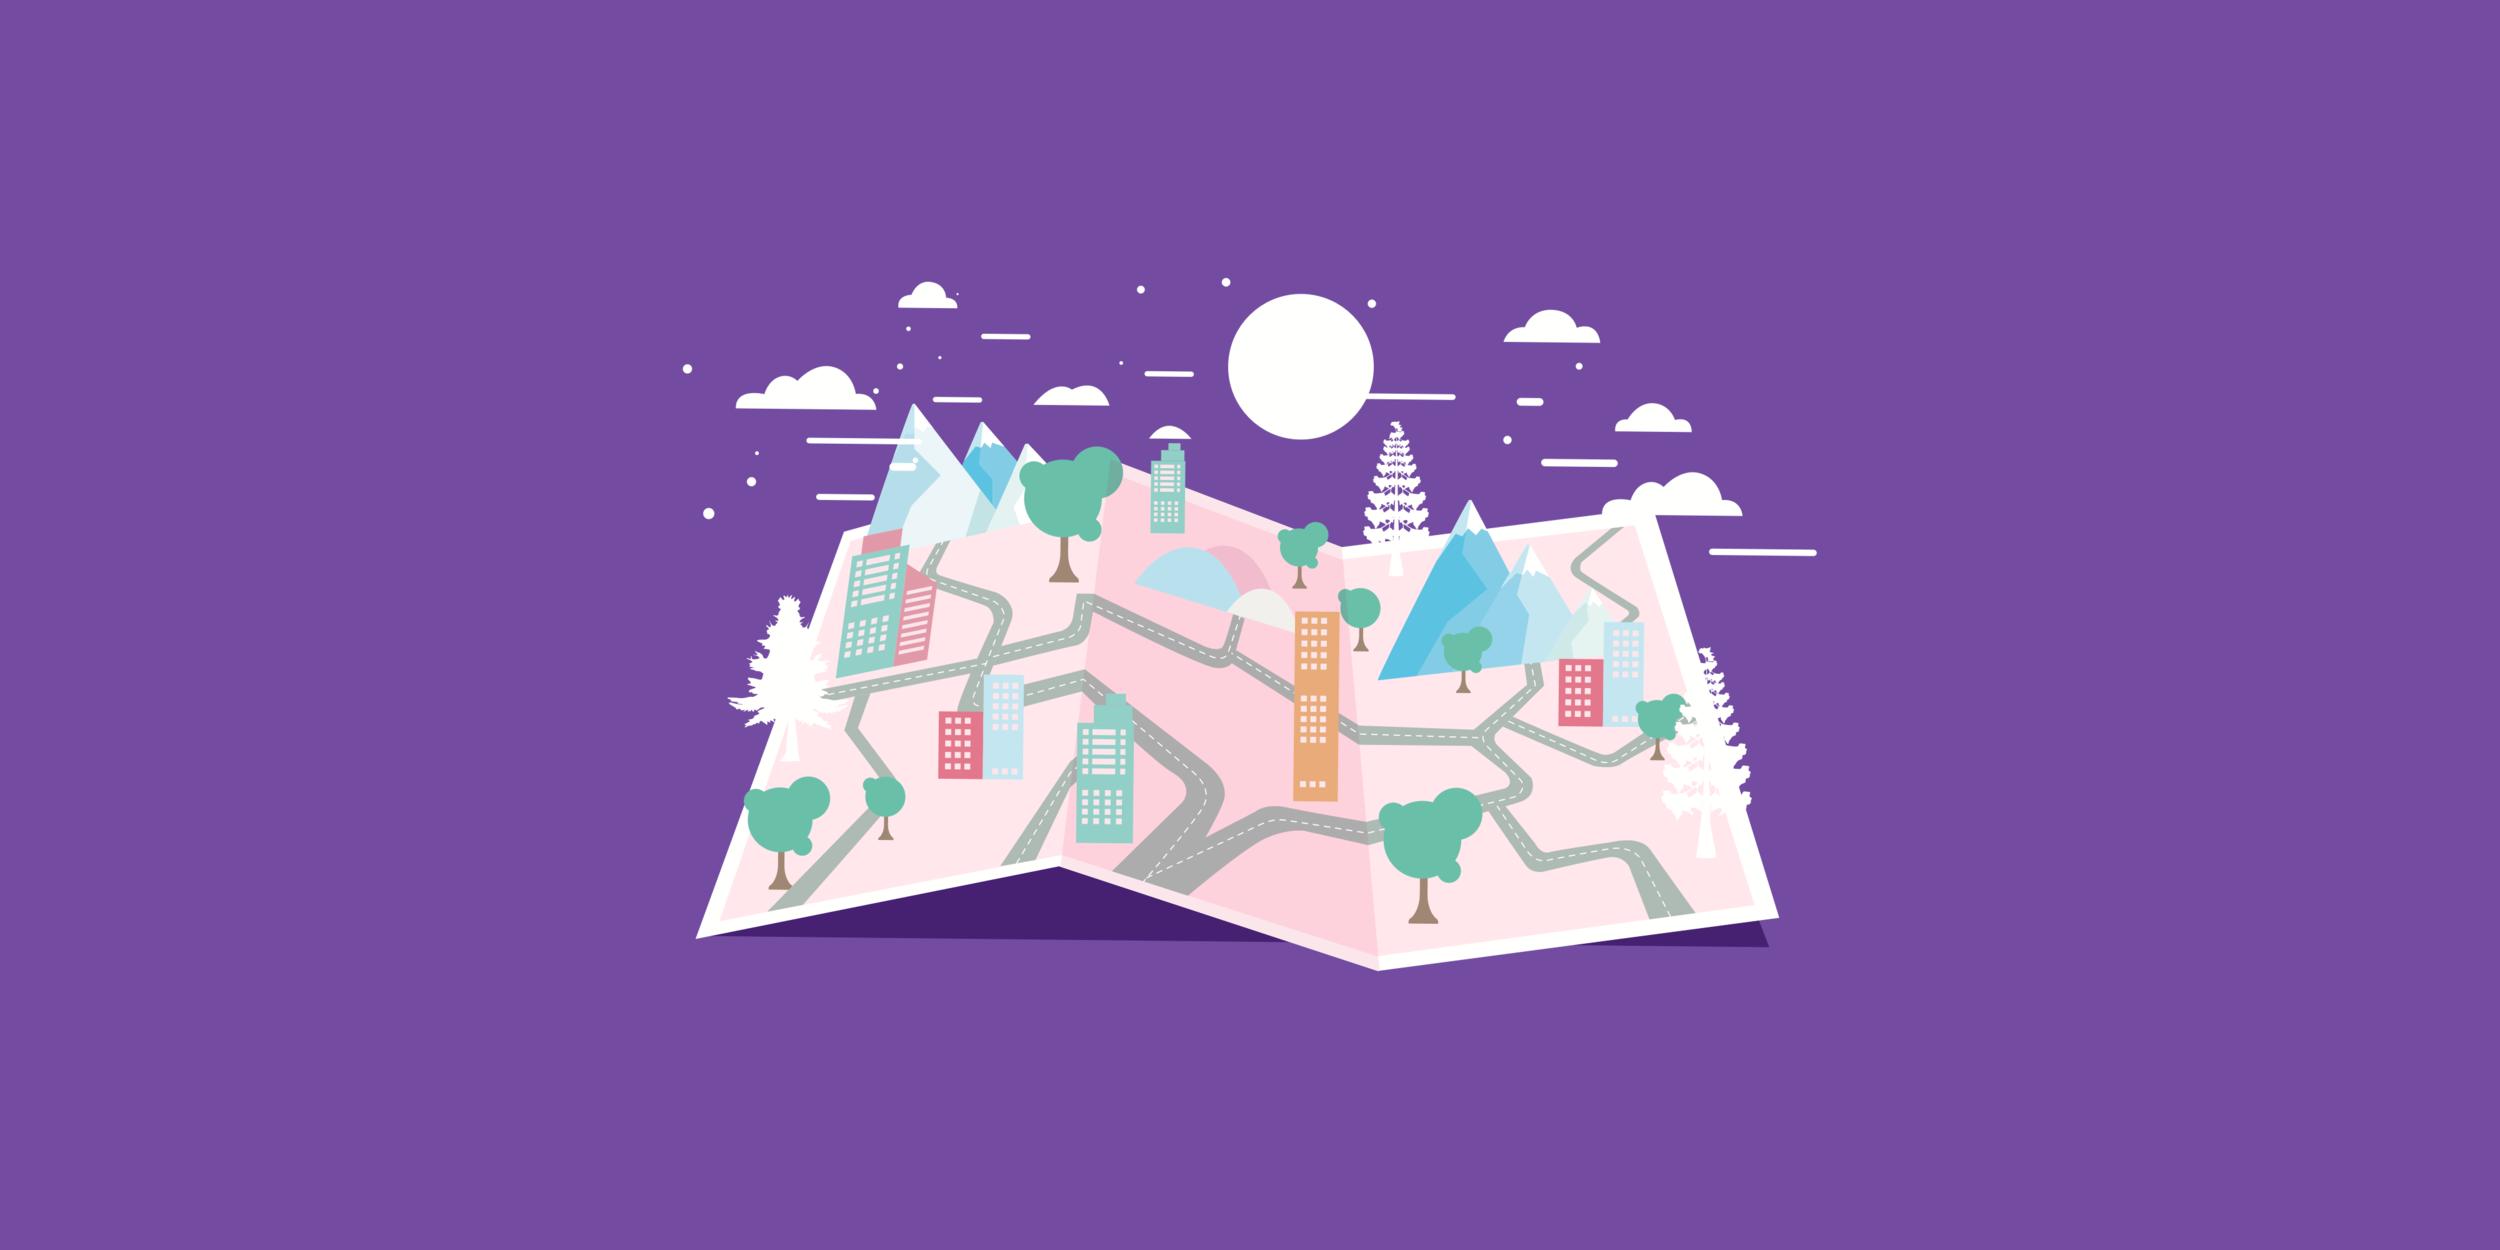 roadmap_laroche_design_product